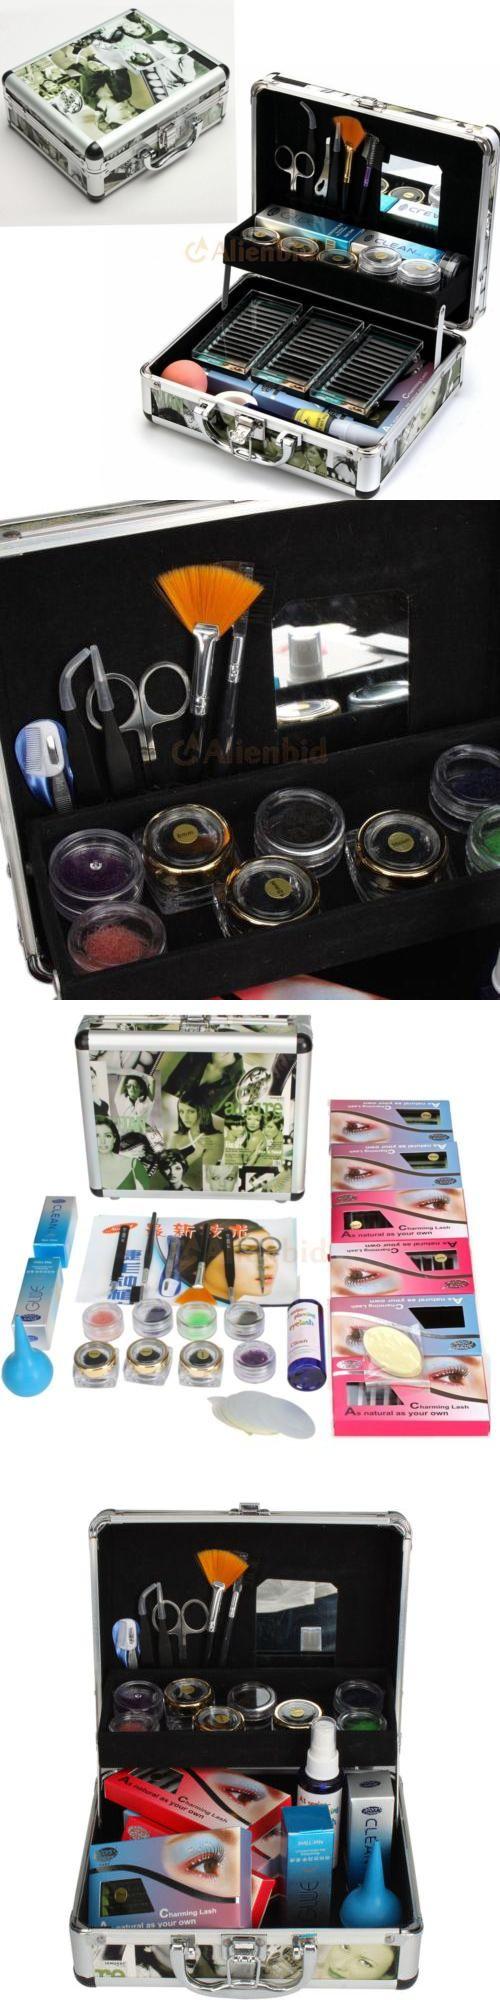 False Eyelashes and Adhesives: Pro High-Quality False Eye Lash Fake Eyelash Extension Full Kit Set With Case Us -> BUY IT NOW ONLY: $53.09 on eBay!